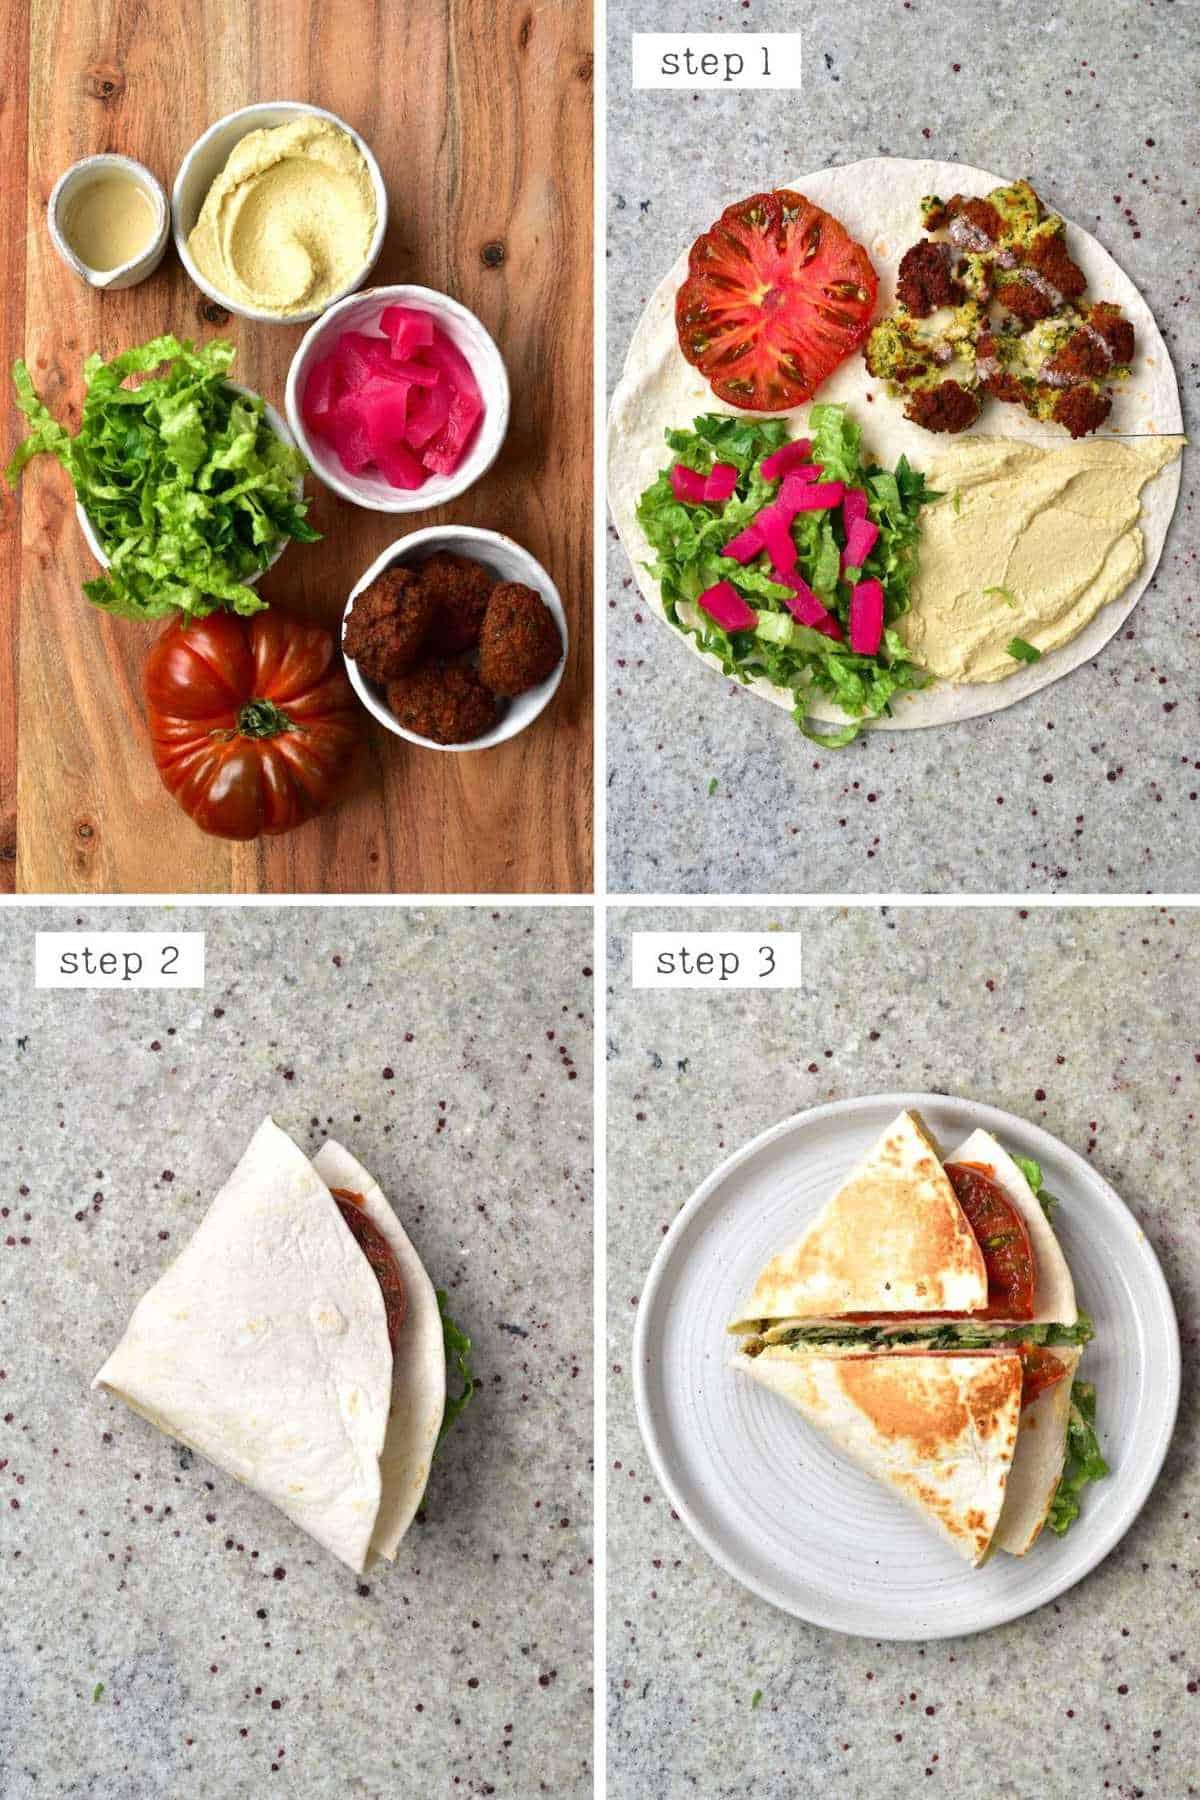 Steps for making falafel tortilla